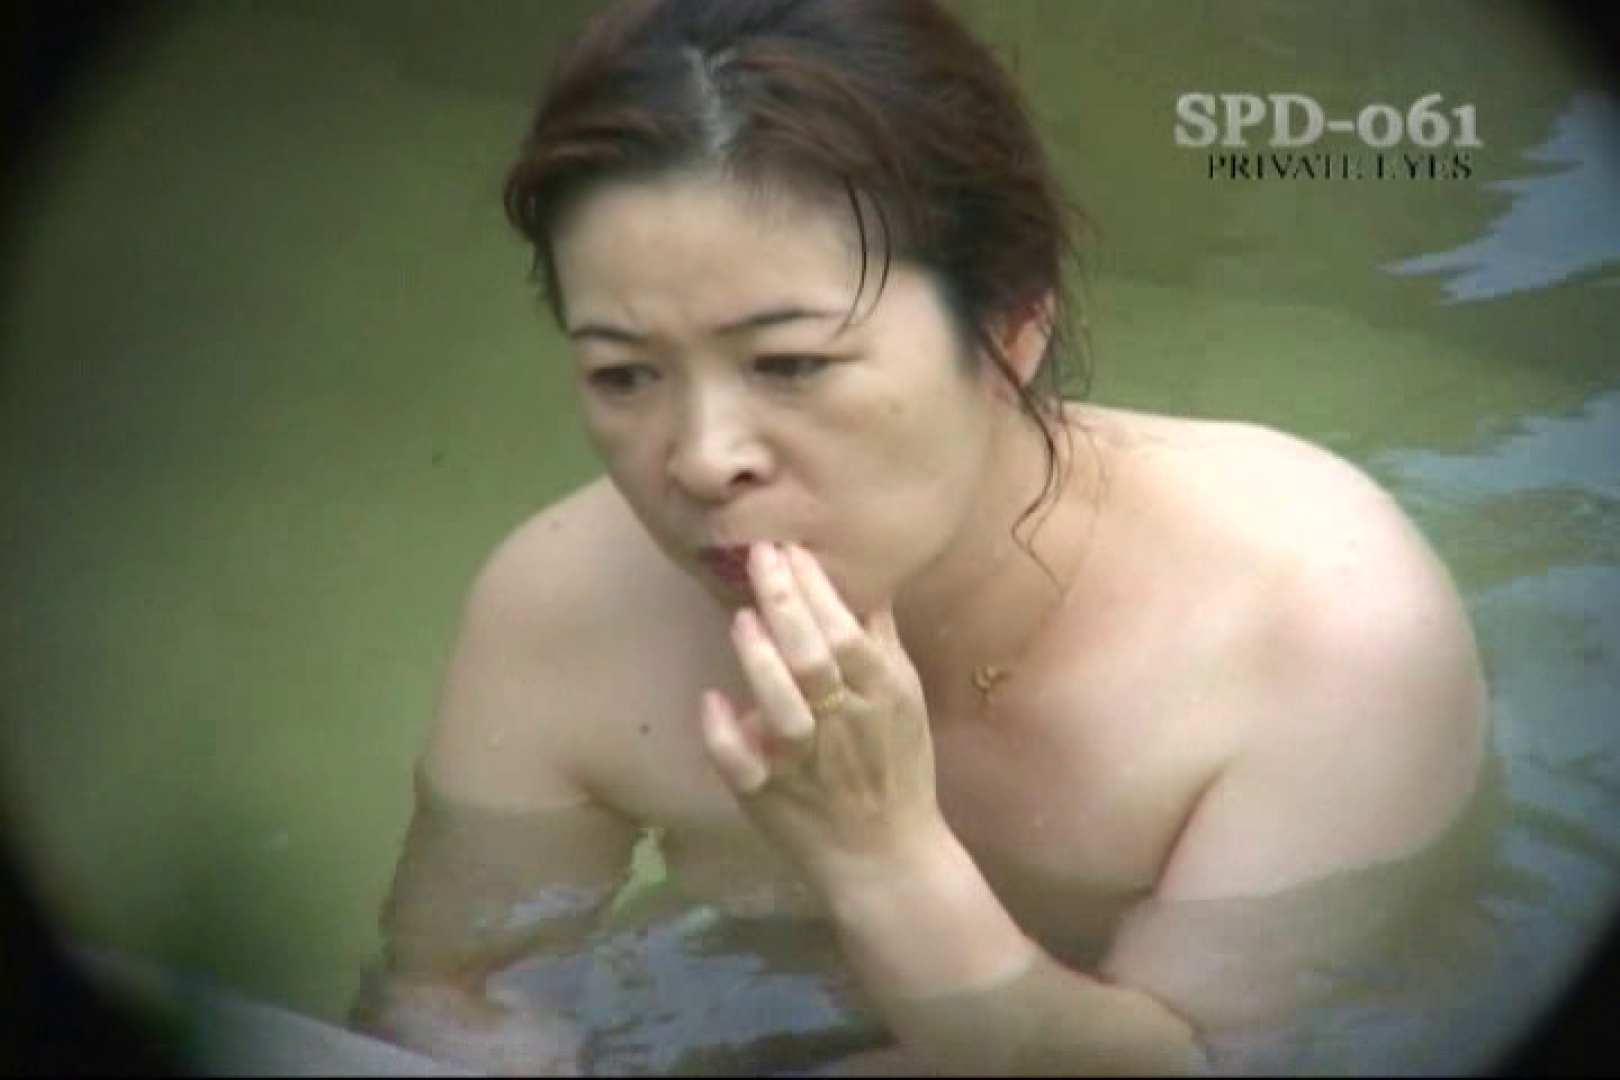 高画質版!SPD-061 新・露天浴場 8 人妻編 0  71連発 4